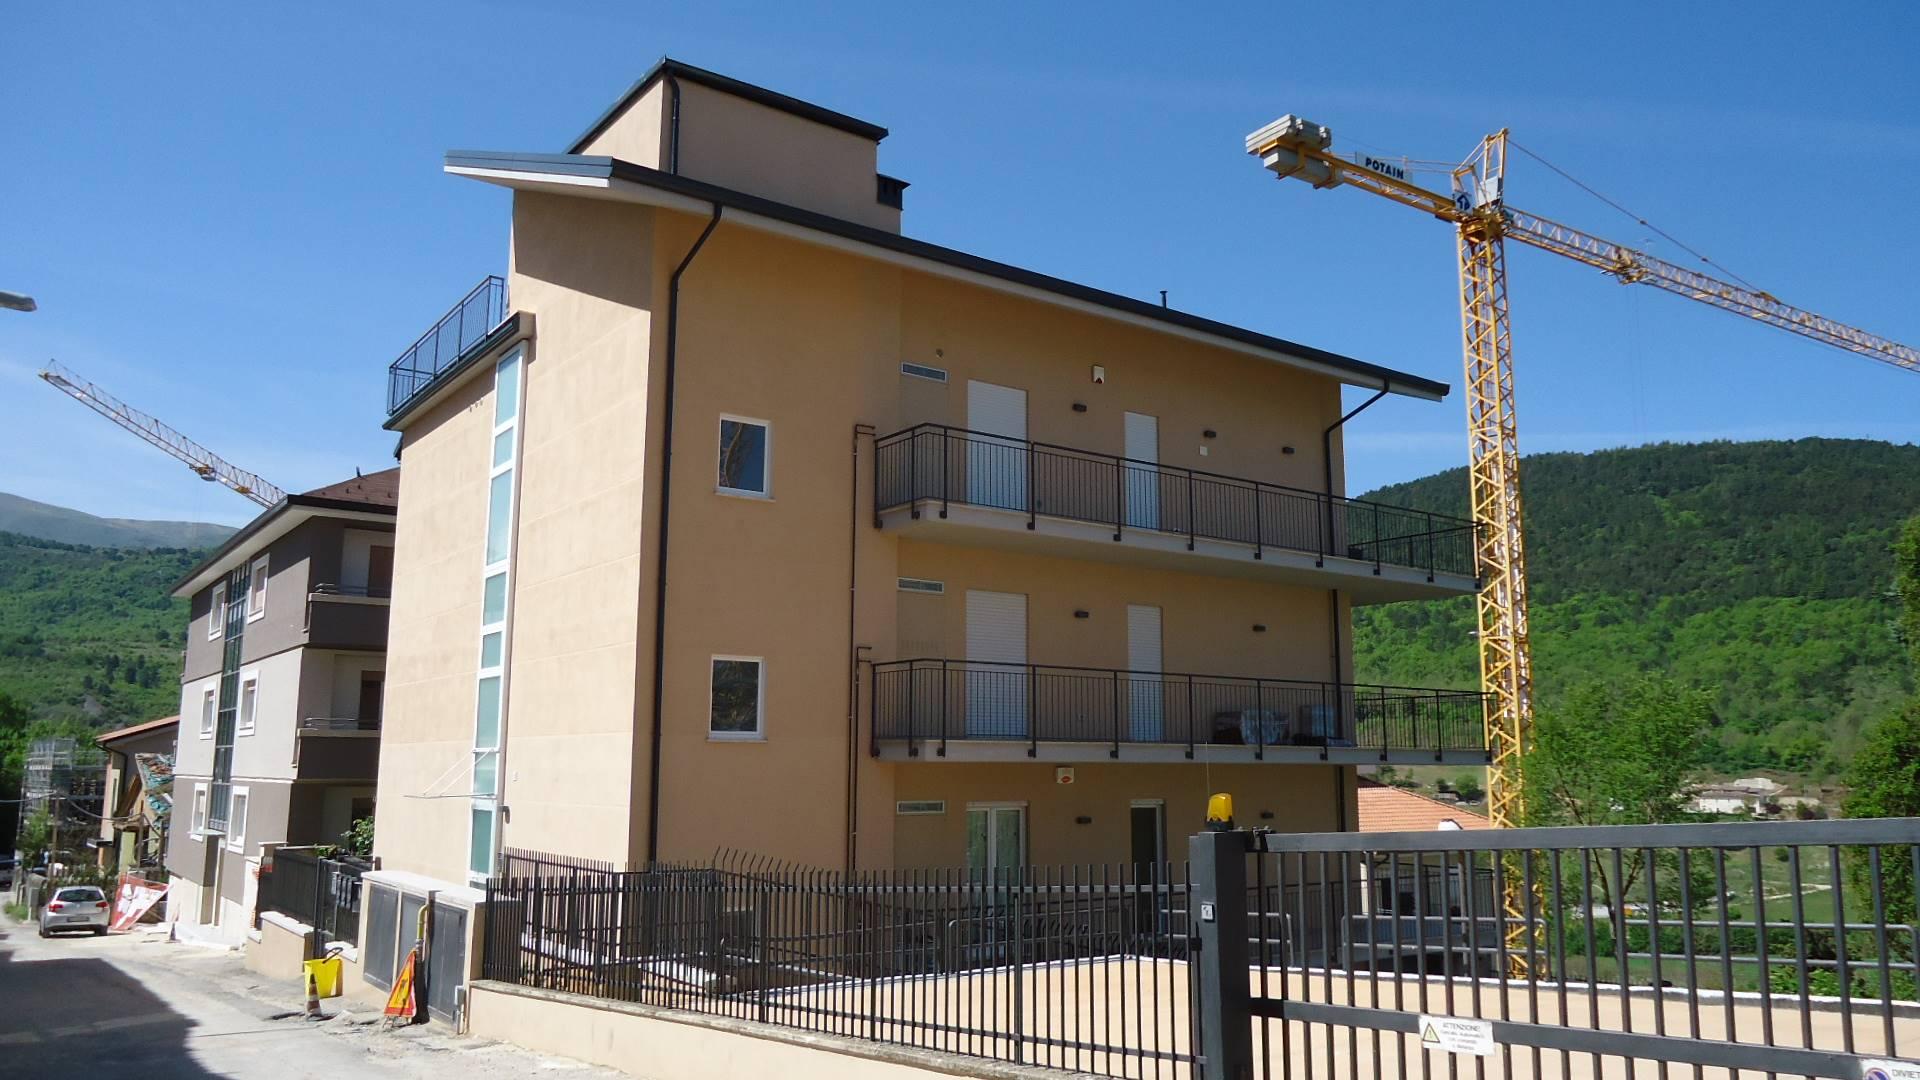 Appartamento in vendita a L'Aquila, 4 locali, zona Località: VillaComunale, prezzo € 188.000 | CambioCasa.it